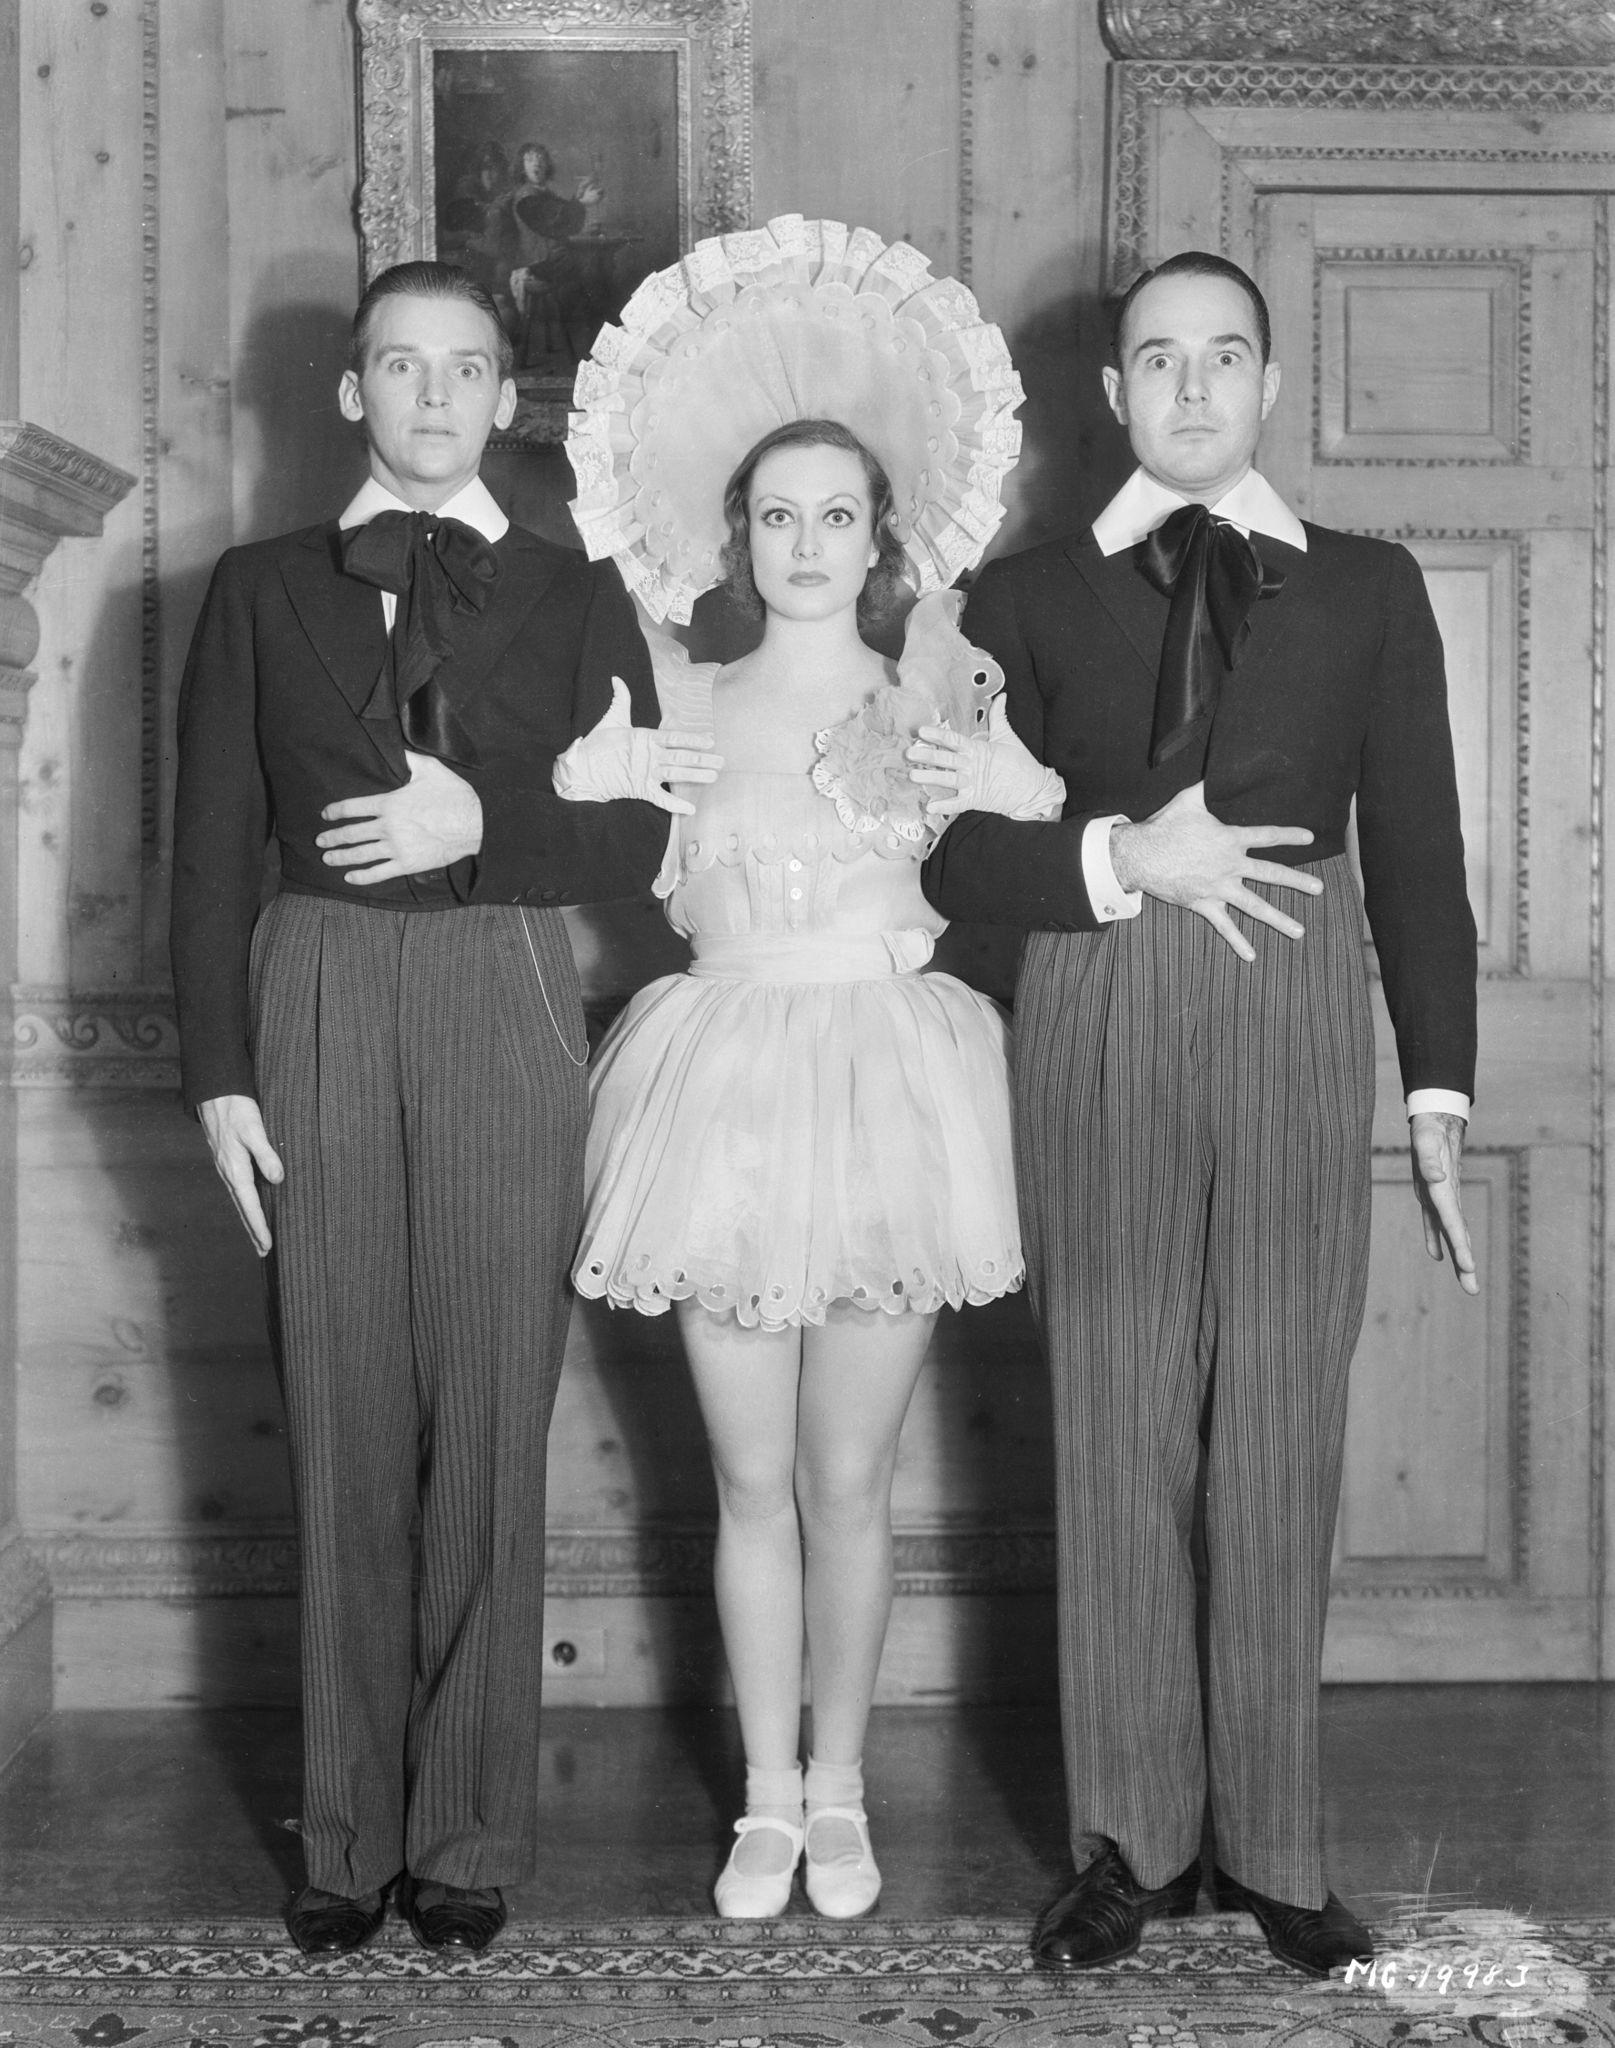 1931. Джоан Кроуфорд на новогодней вечеринке вместе со своим мужем Дугласом Фэрбенксом-младшим и Уильямом Хэйнсом.jpg